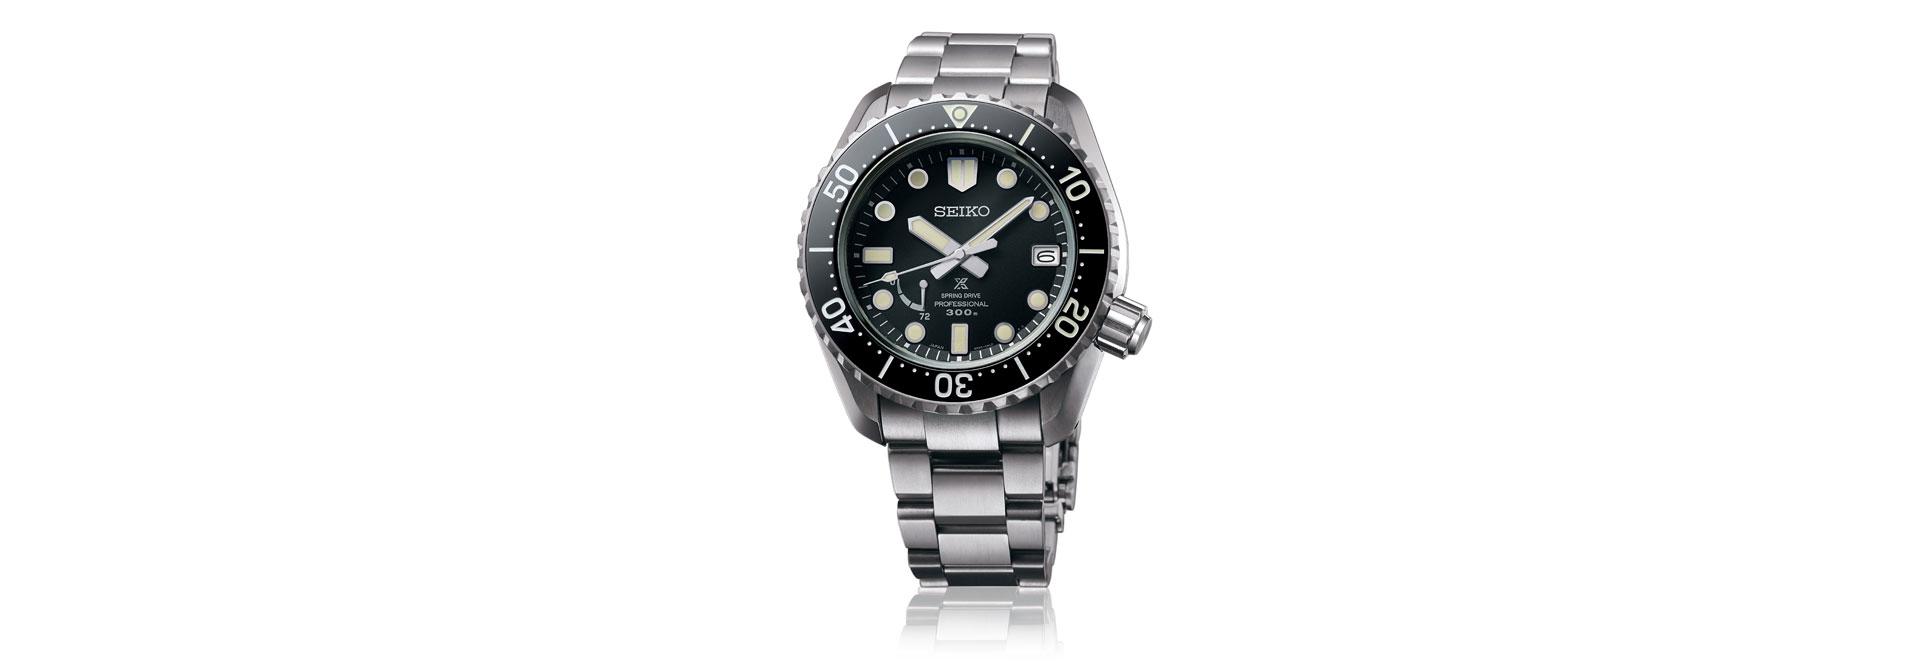 Seiko Prospex LX Linie Uhr des Monats bei Armbanduhren